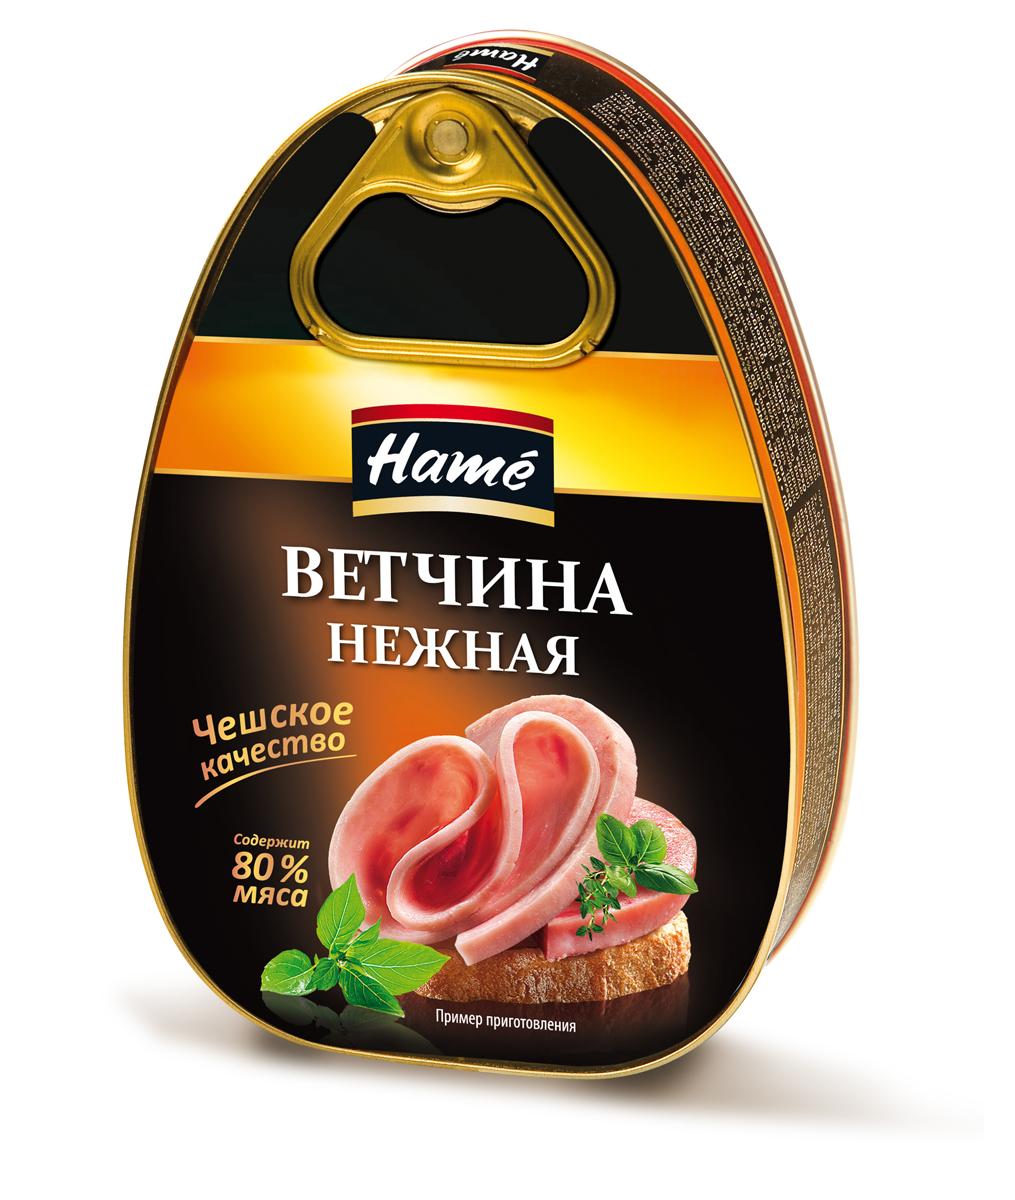 Hame Ветчина нежная, 340 г hame татарский кетчуп 325 г